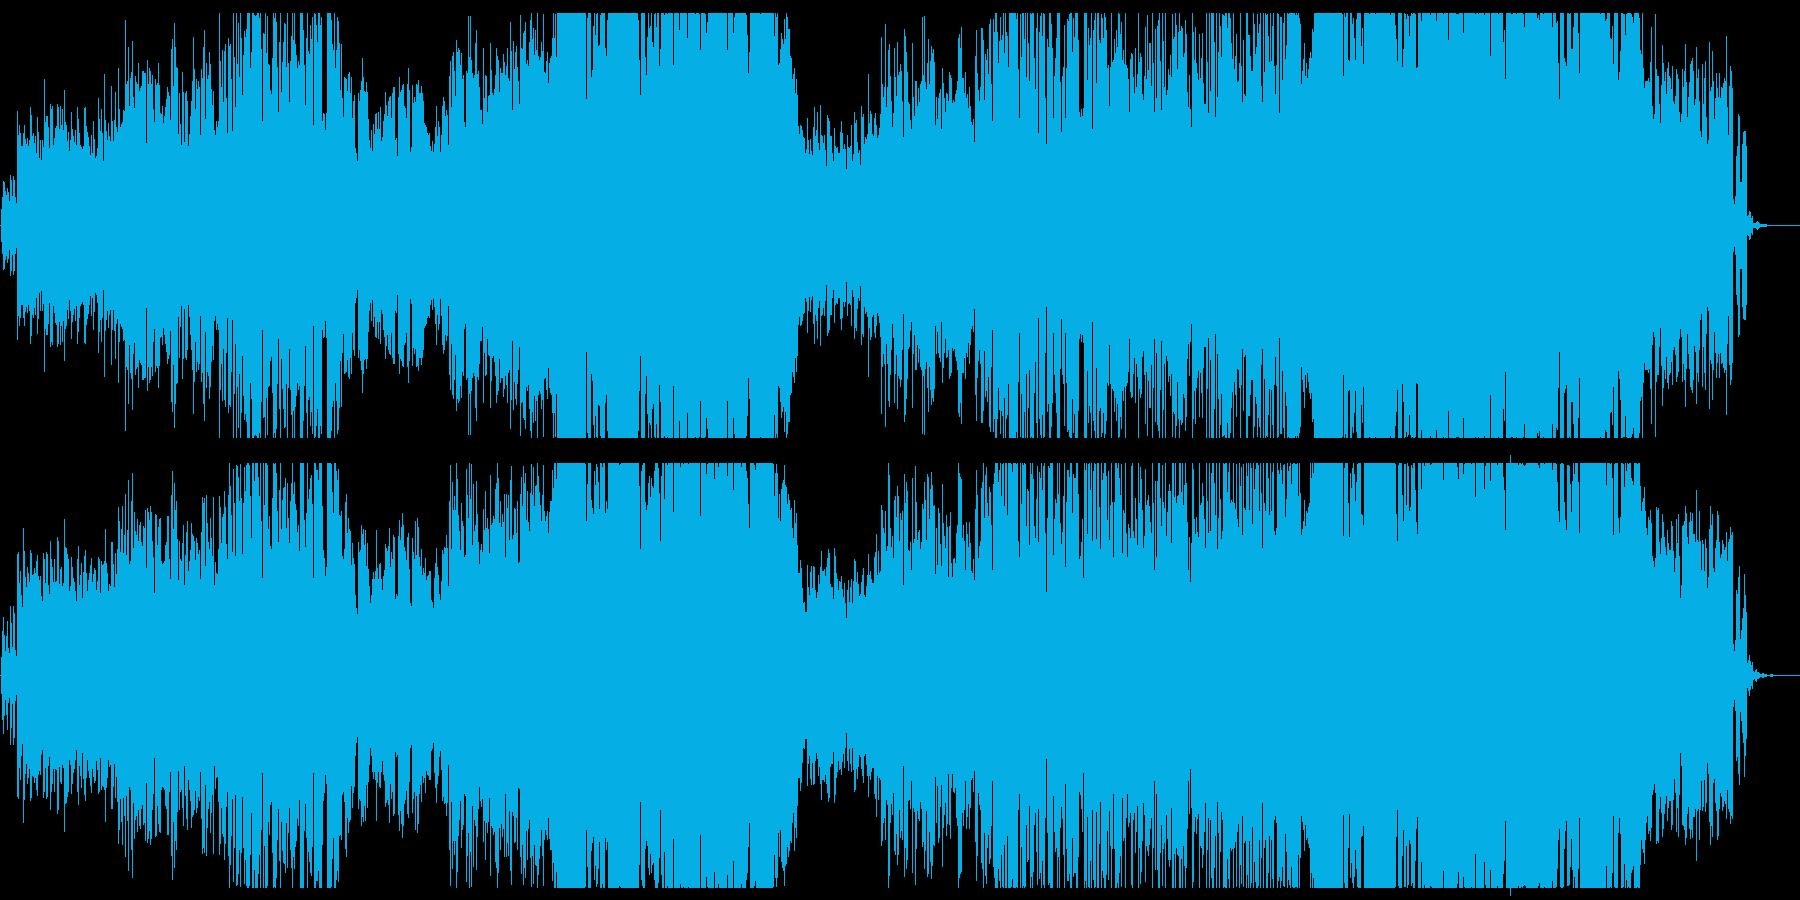 切ない和風Future Bassの女性曲の再生済みの波形